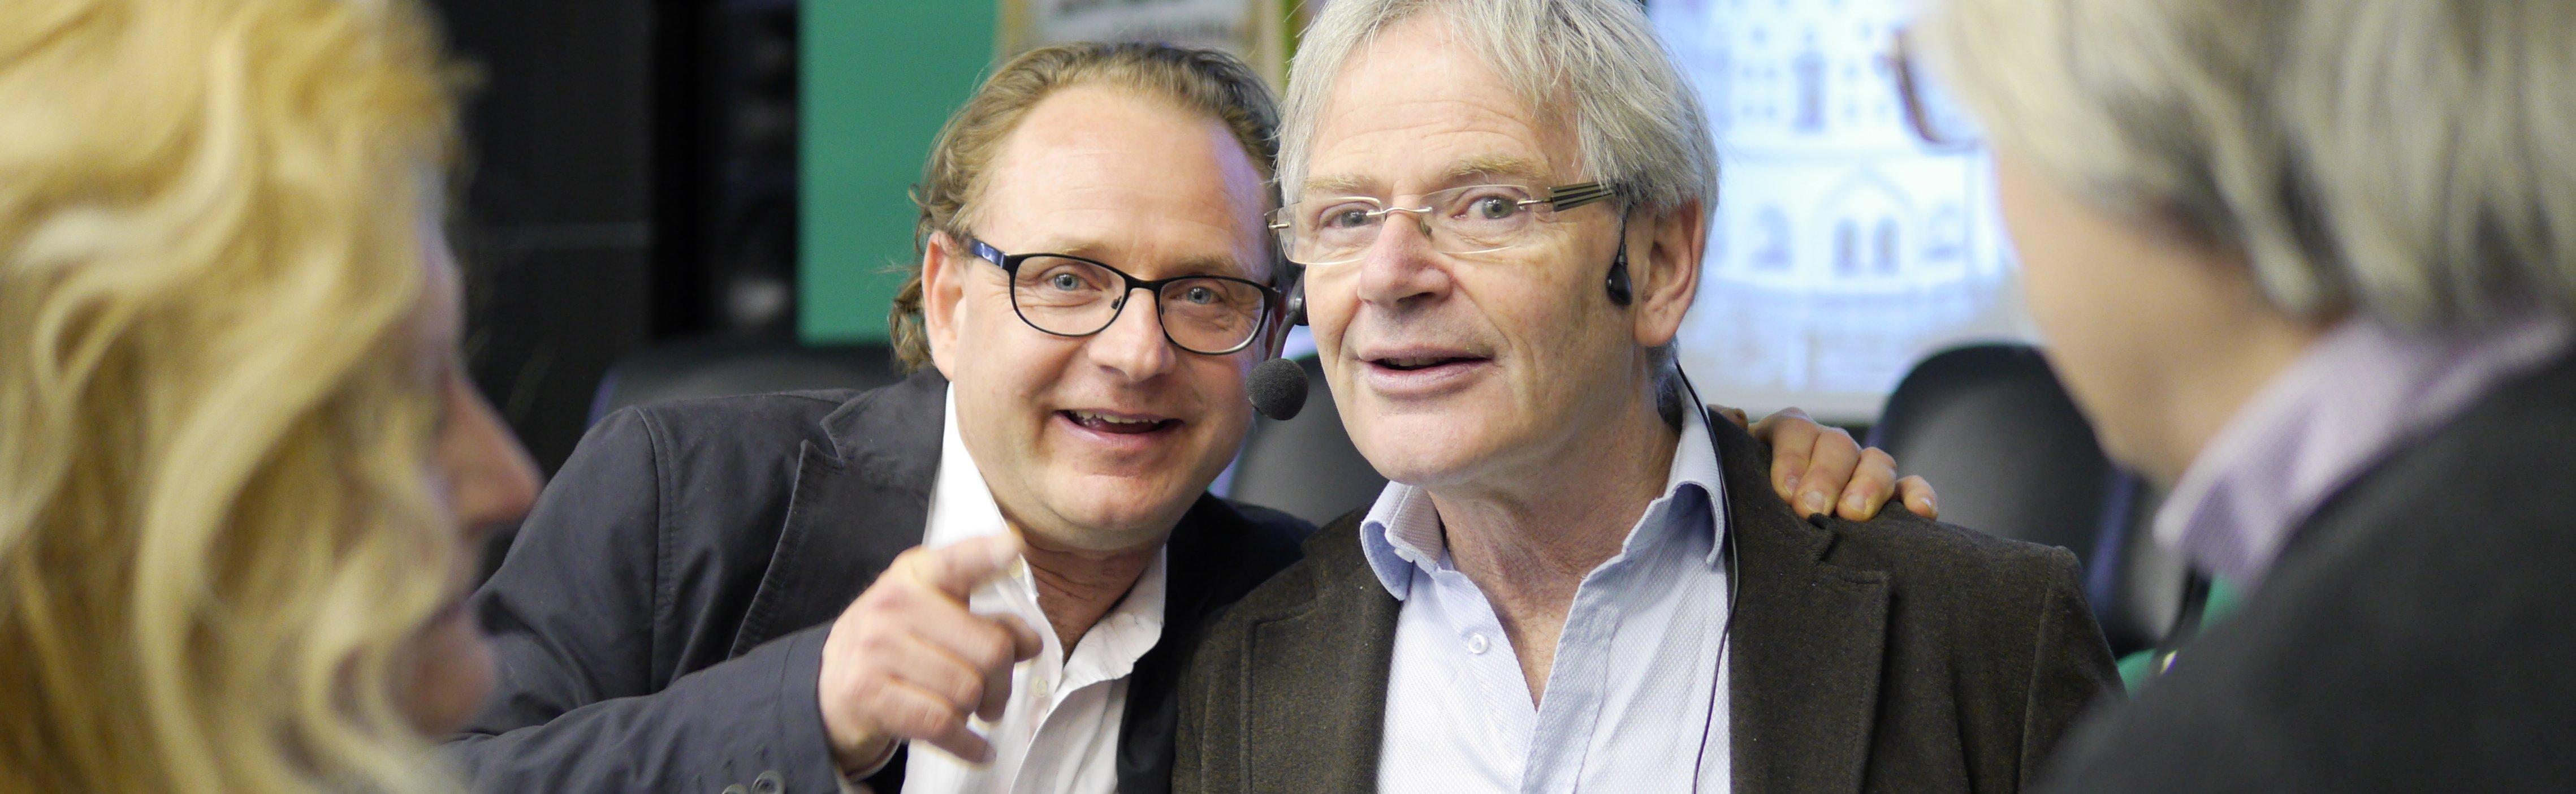 Foto zwei Trainer in enger Umarmung und Hingabe für die gemeinsame Sache. Ralf und Lucas Derks